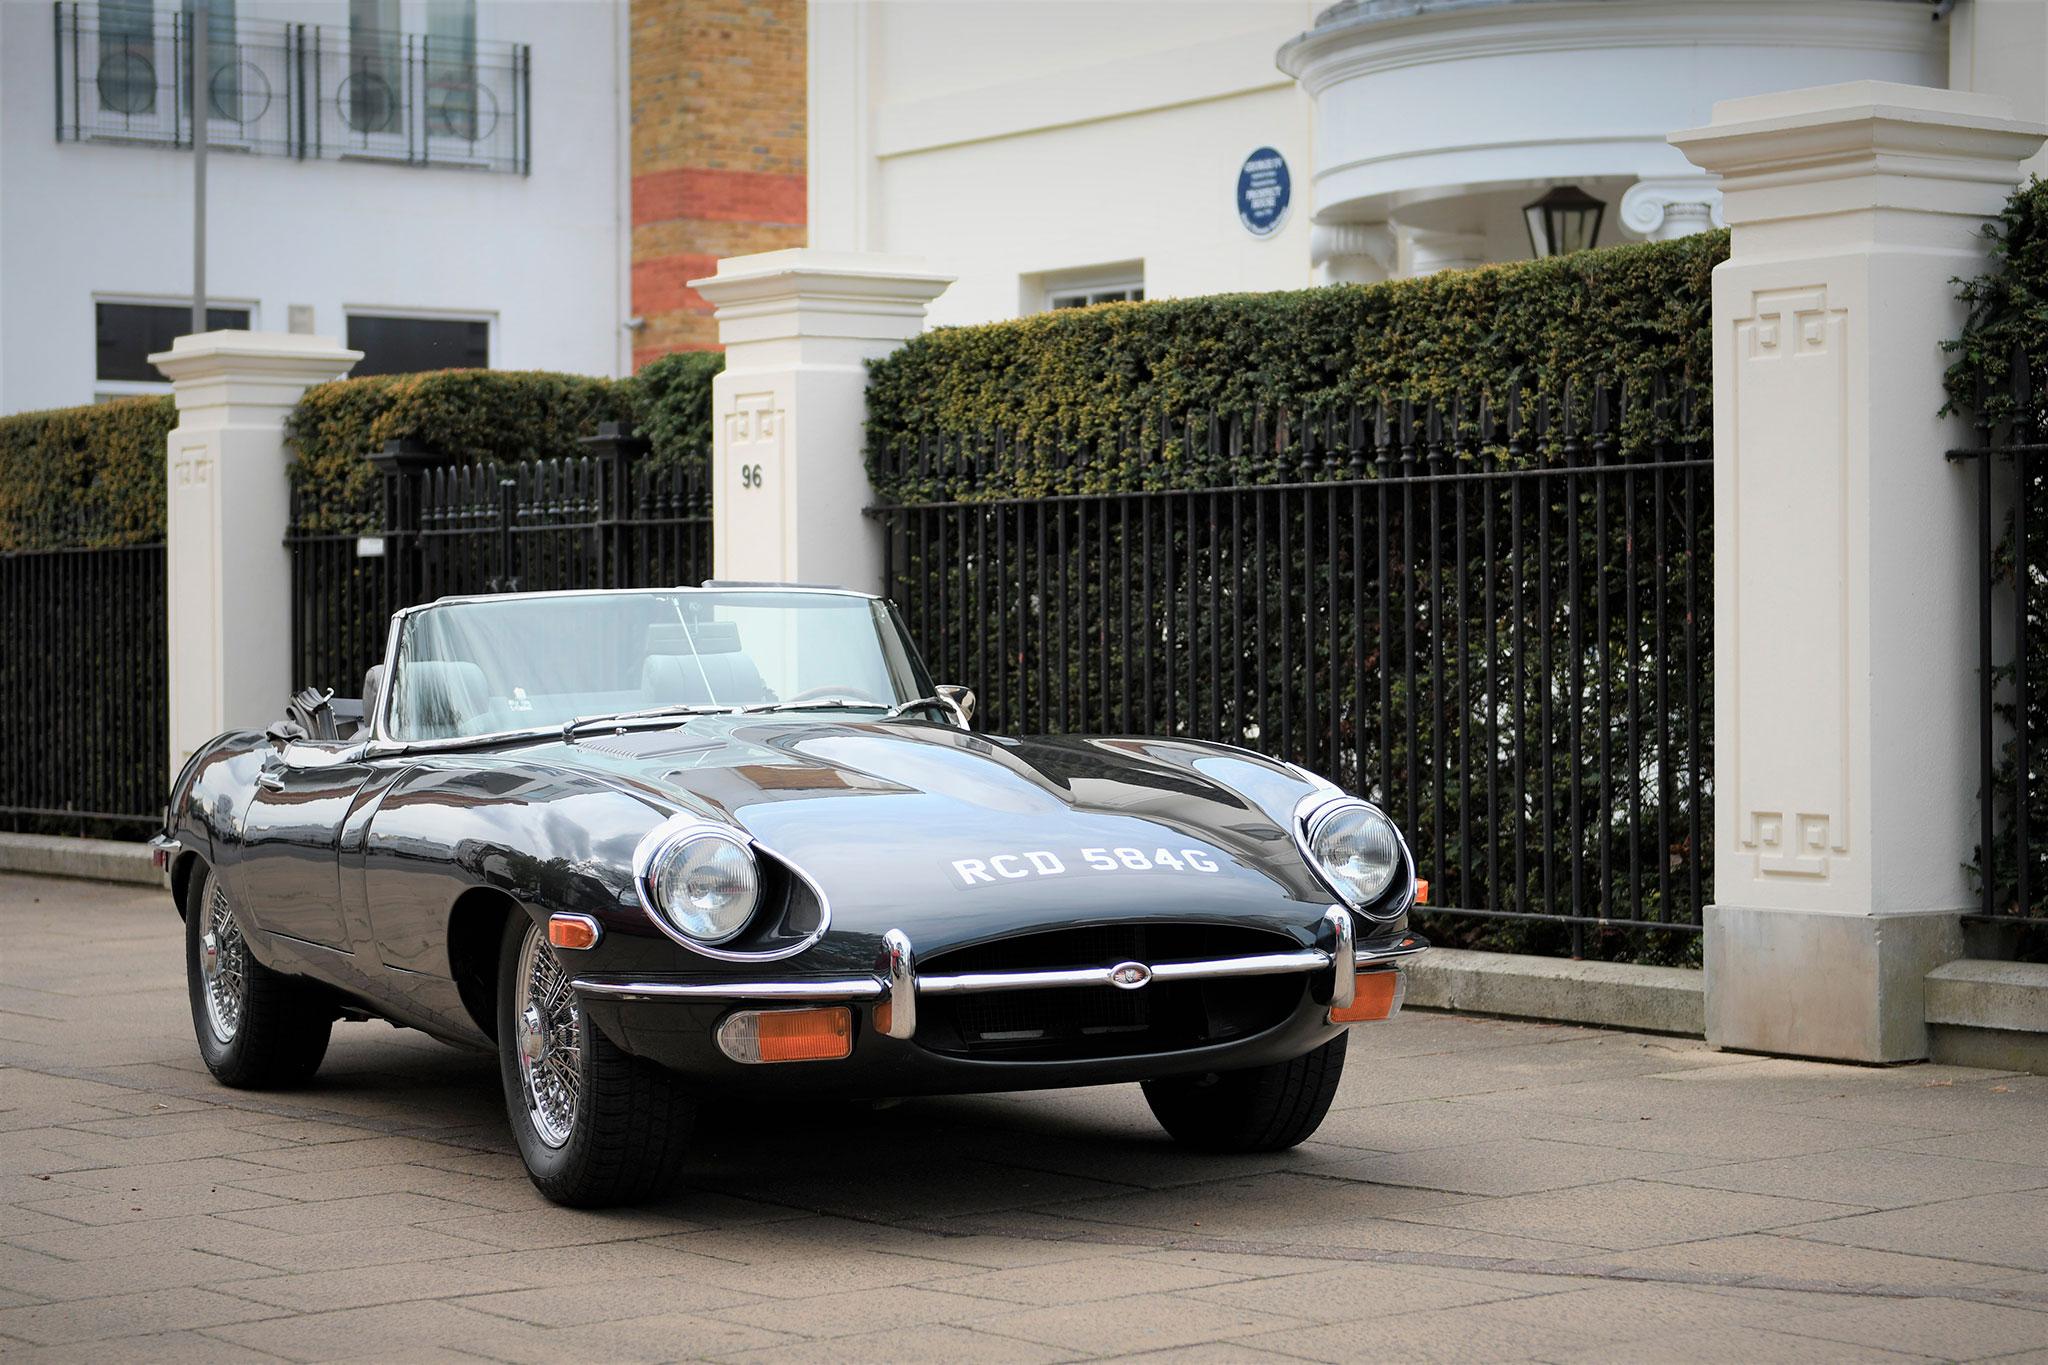 1969 Jaguar E-type 4.2-Litre - Marché de la Collection.